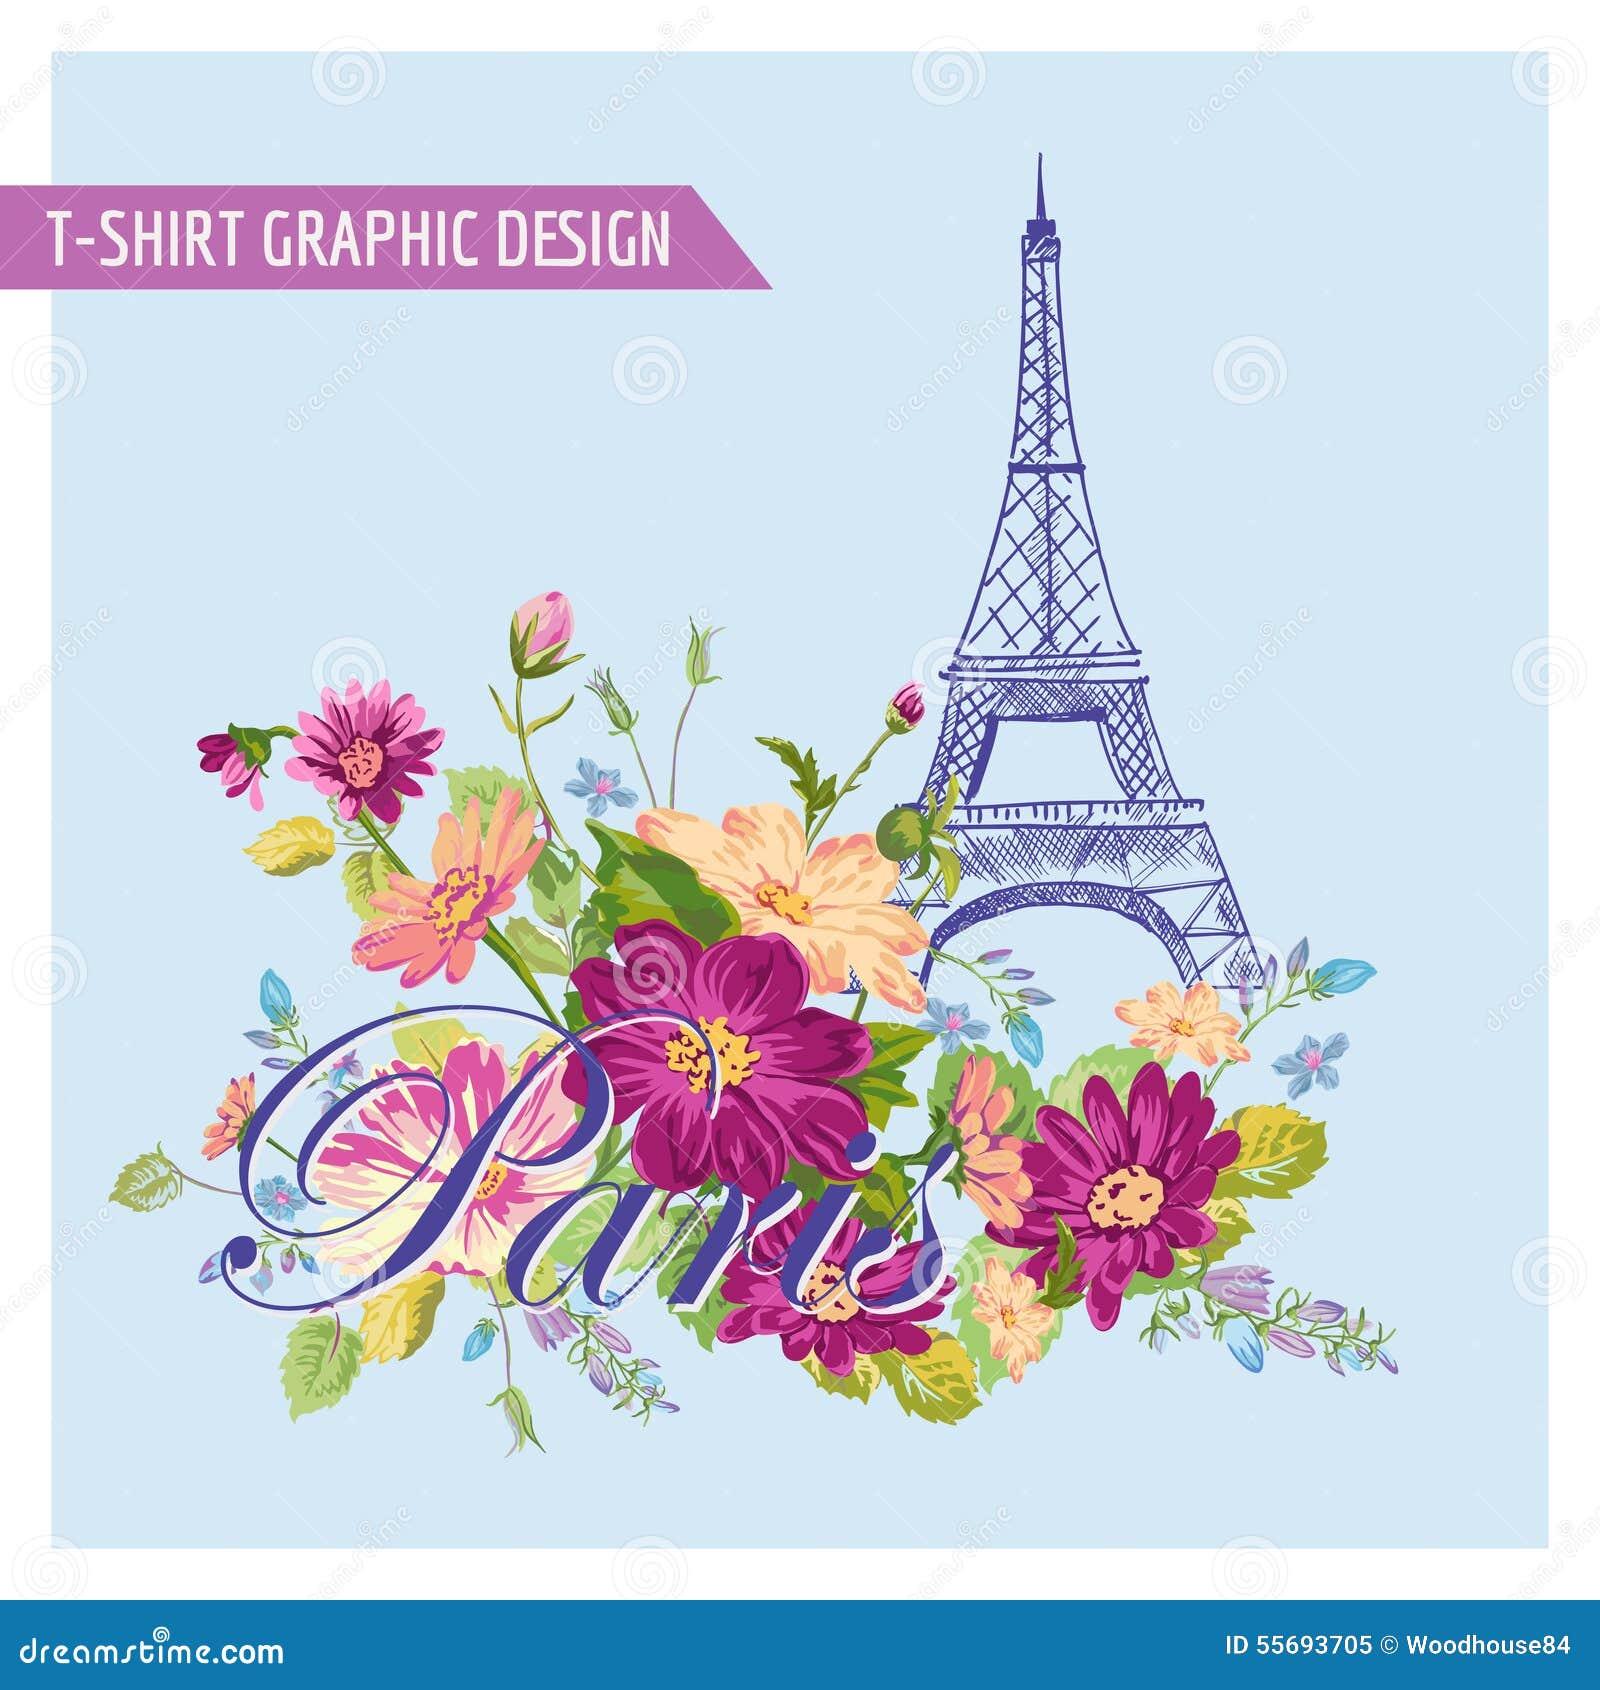 Floral paris illustration famous paris landmark eiffil for Design paris